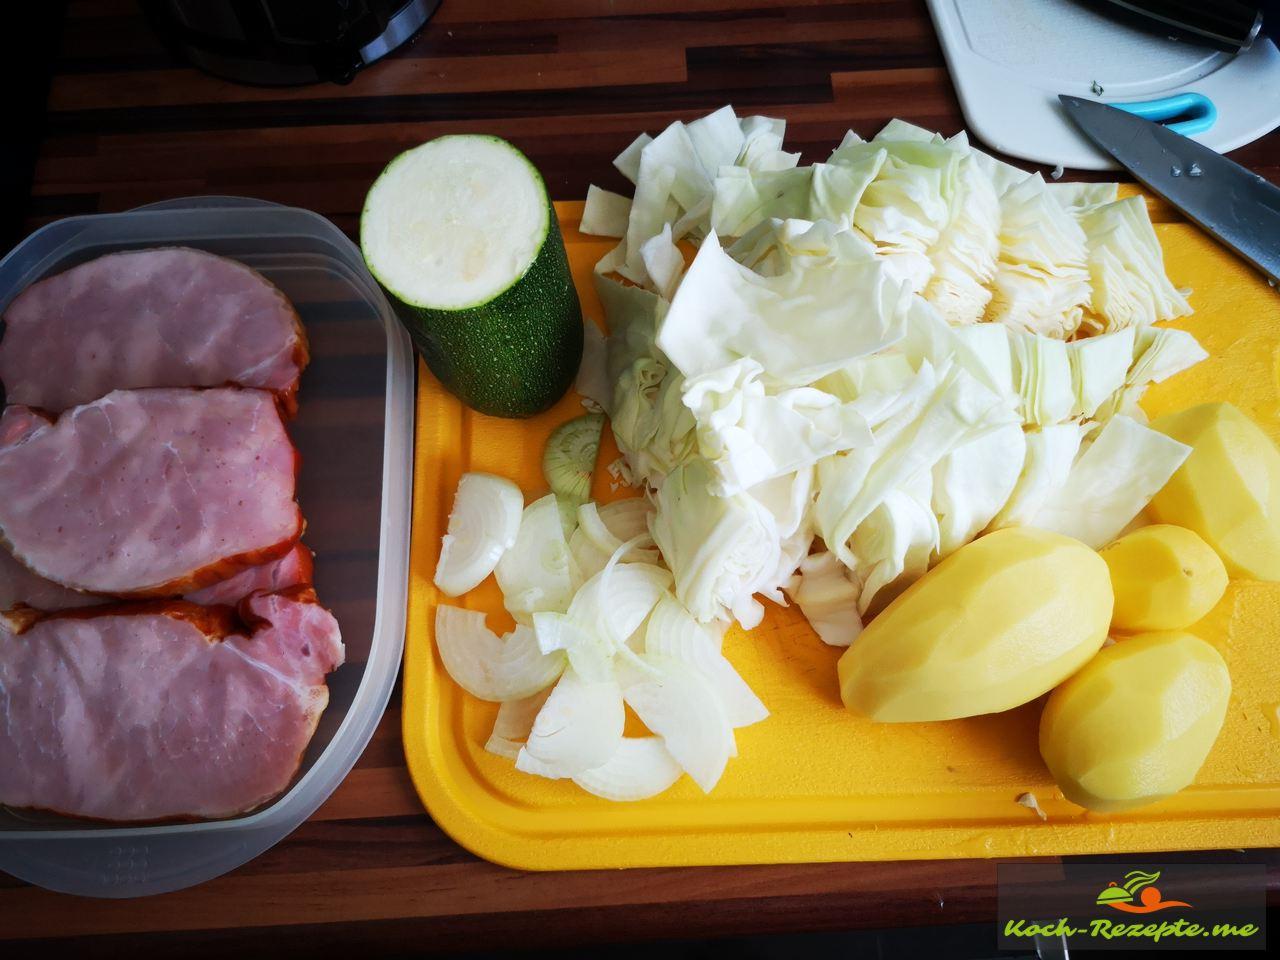 Zutaten für Spitzkohl mit Kassler Eintopf mit Kartoffeln, Zwiebeln, Zucchini